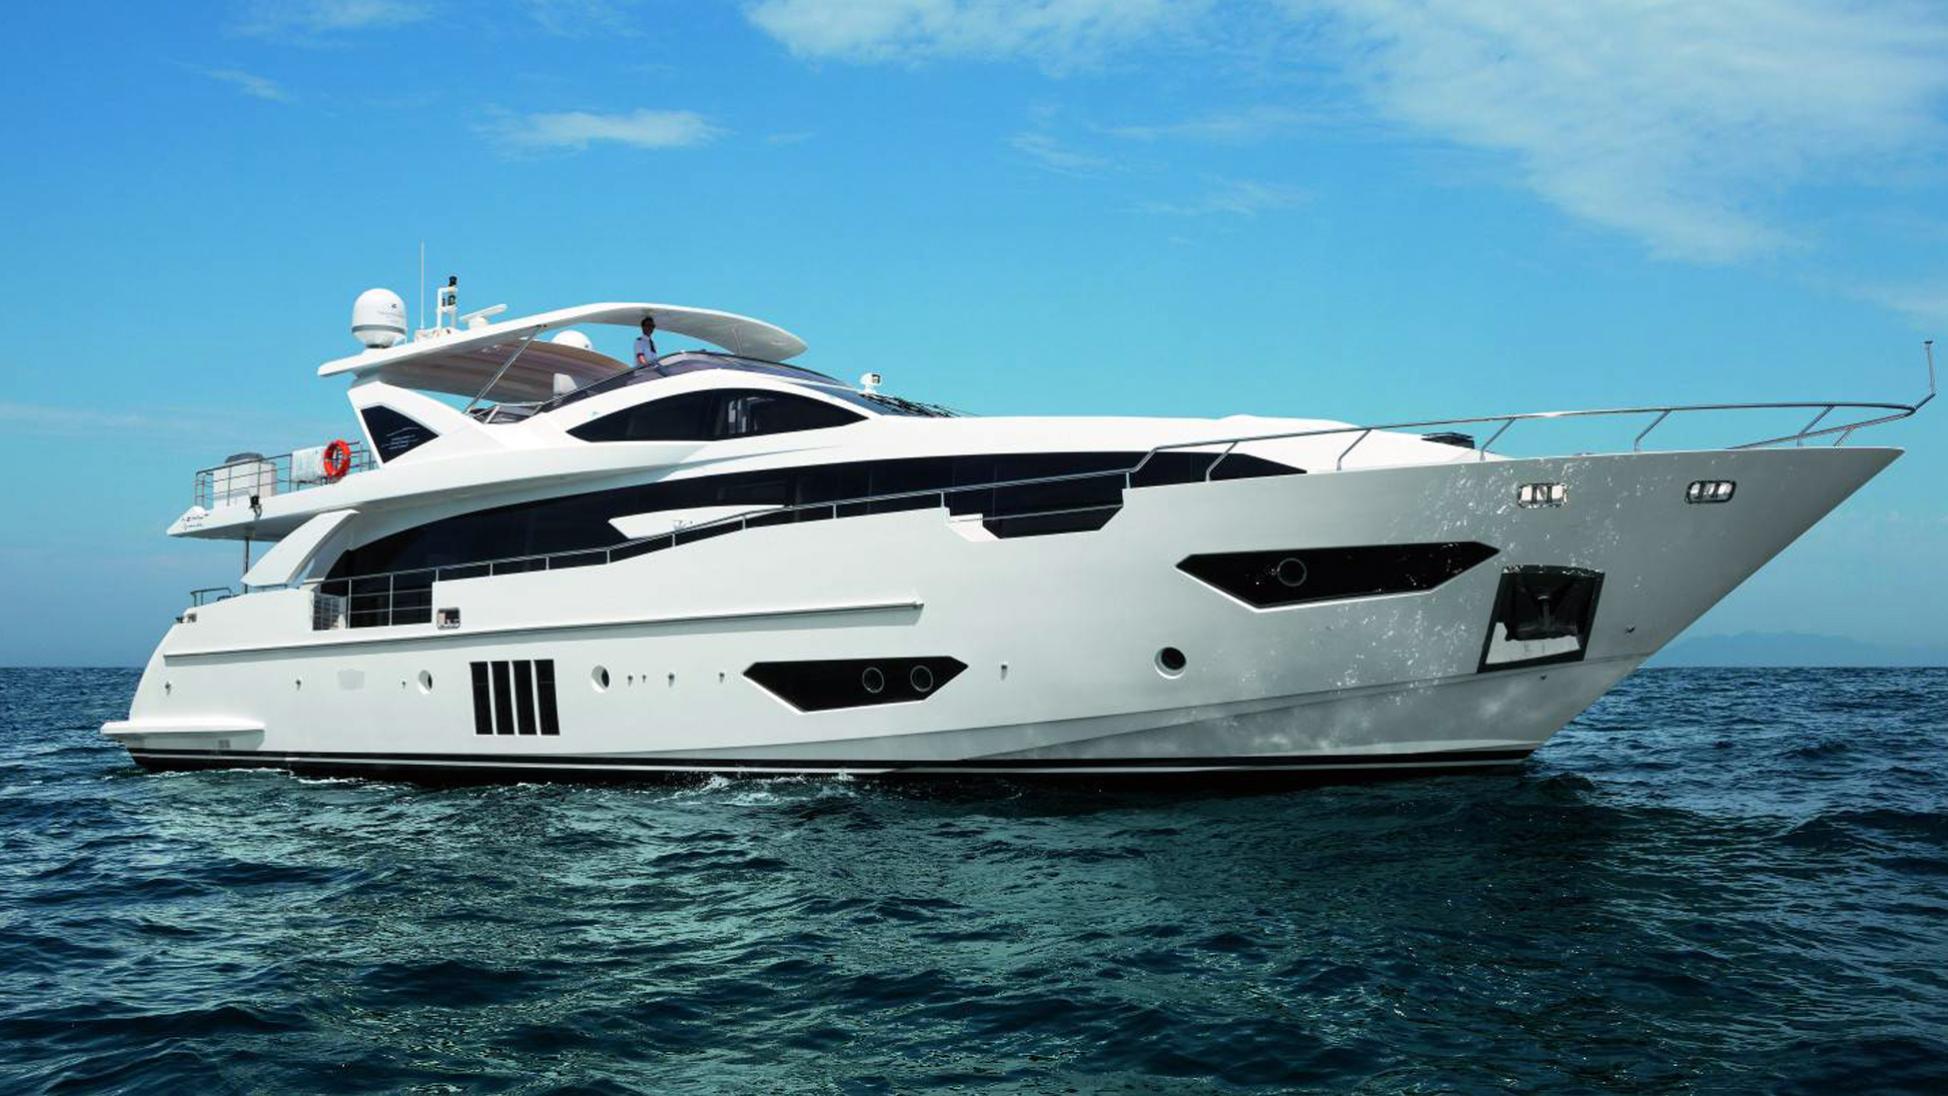 azimut-motor-yacht-95-rph-12-2014-29m-profile